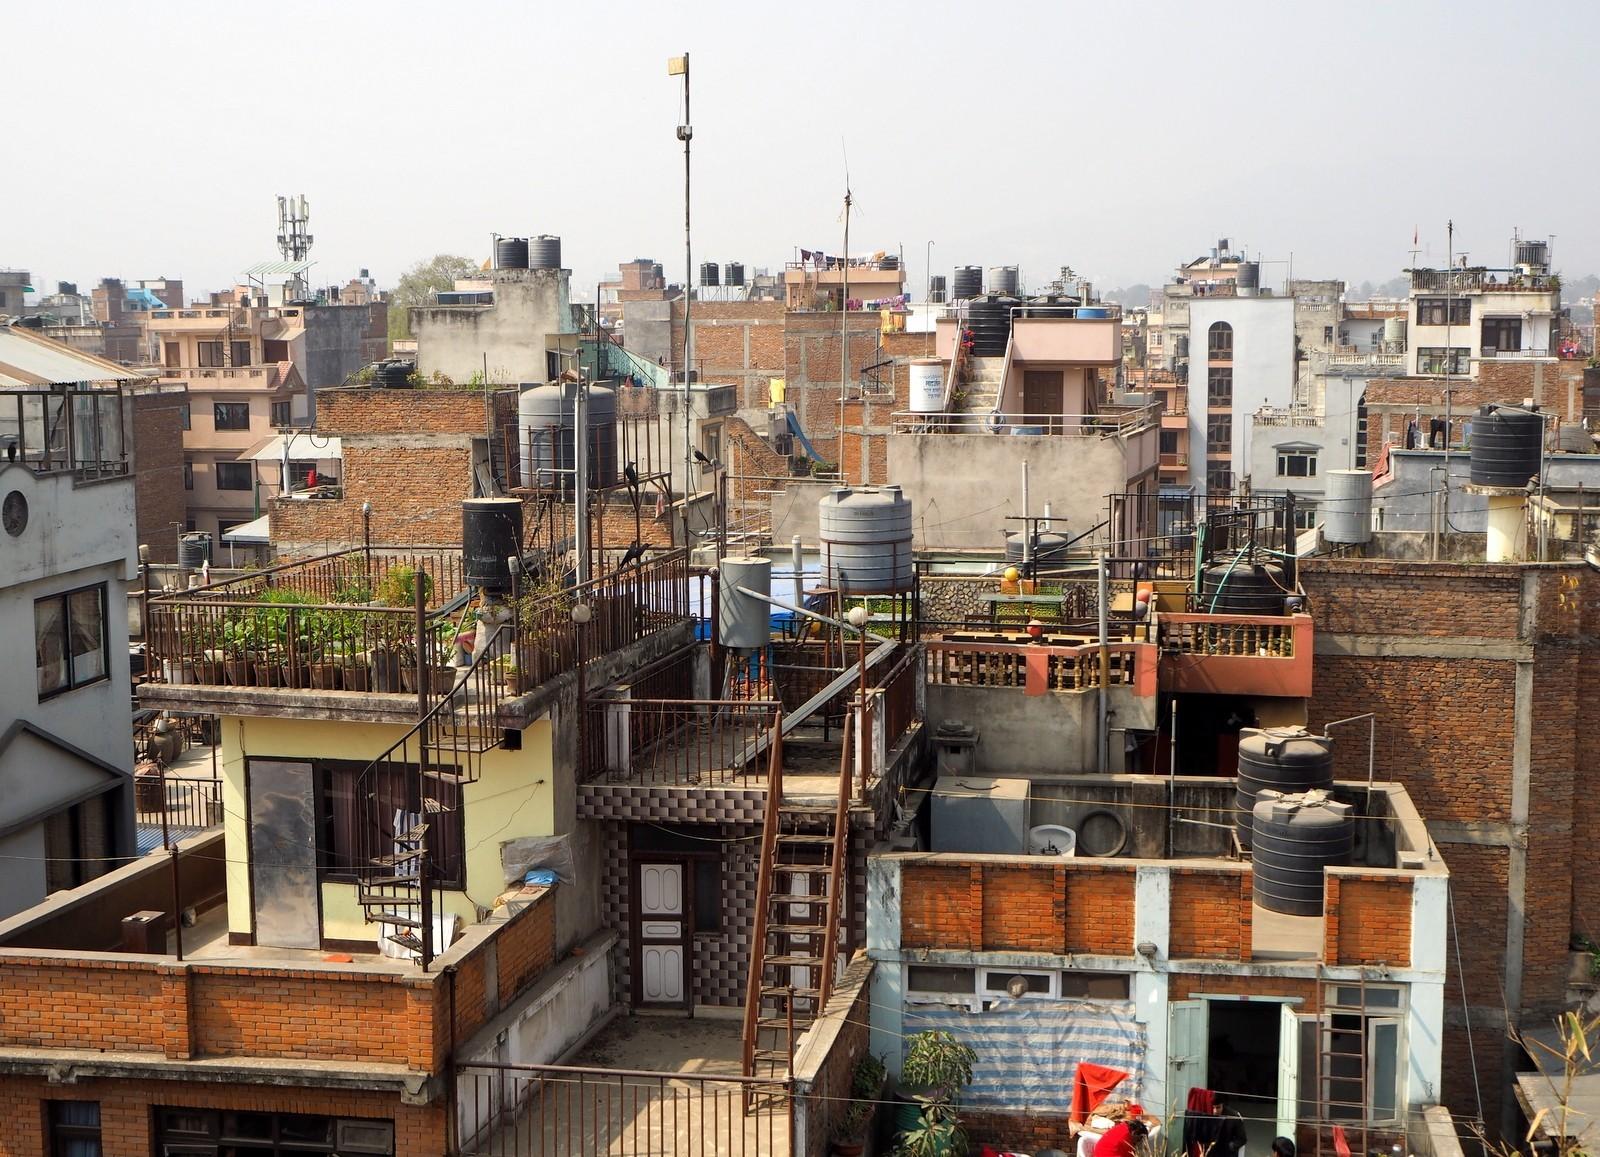 Kathmandu Freak Street